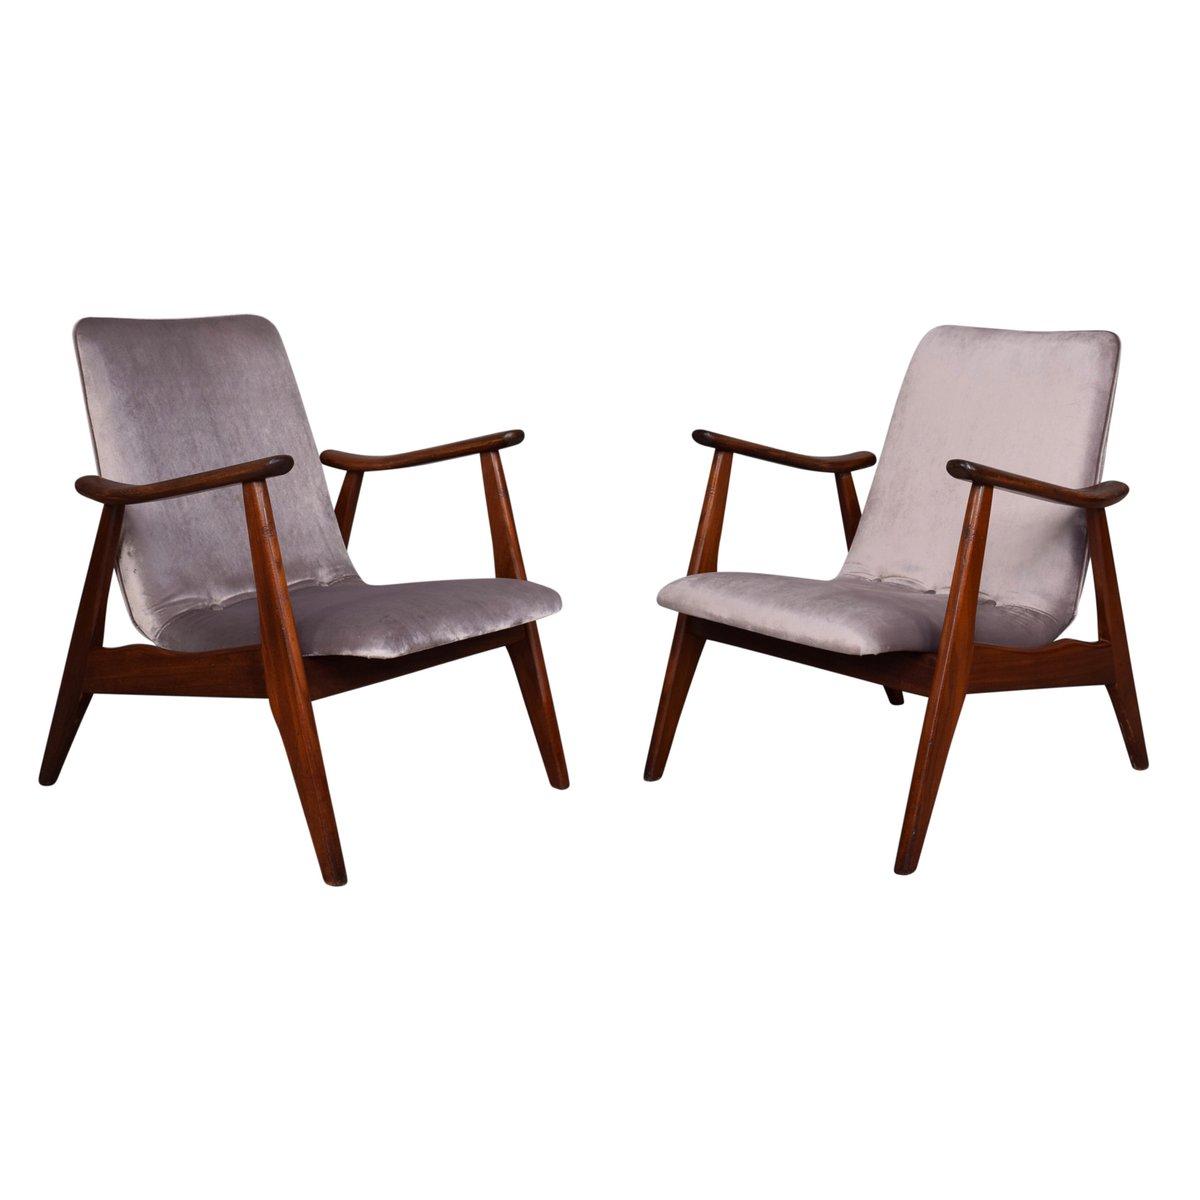 Sessel von Louis Van Teeffelen für Webe, 1960er, 2er Set